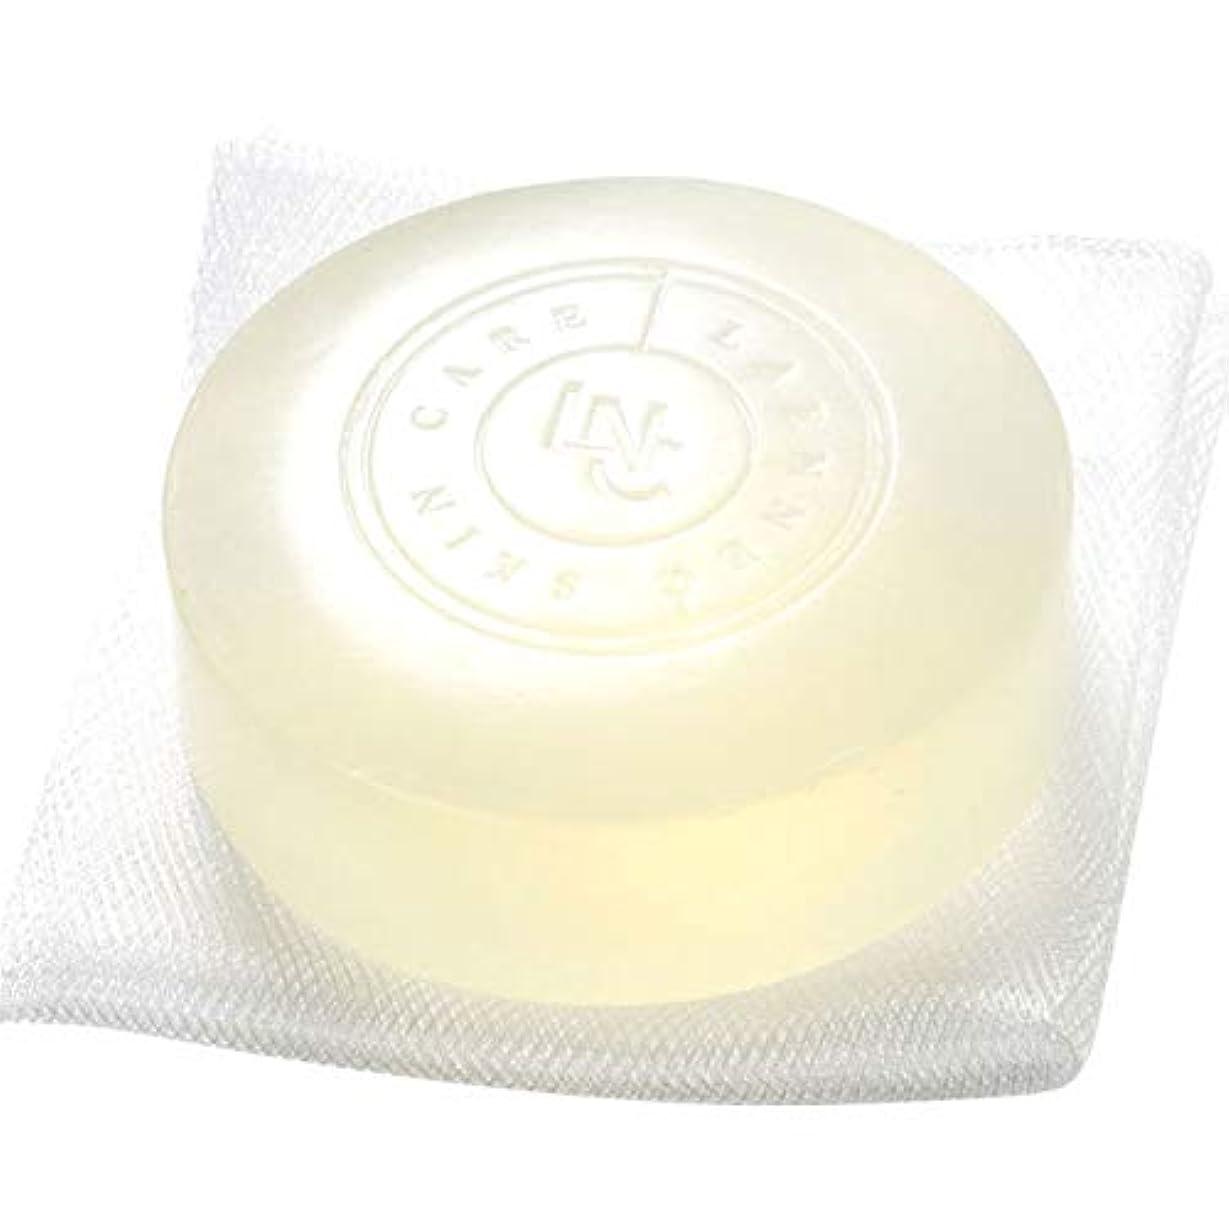 ゲインセイ公使館歯痛日本生物製剤 LNCソープ ふつう 100g